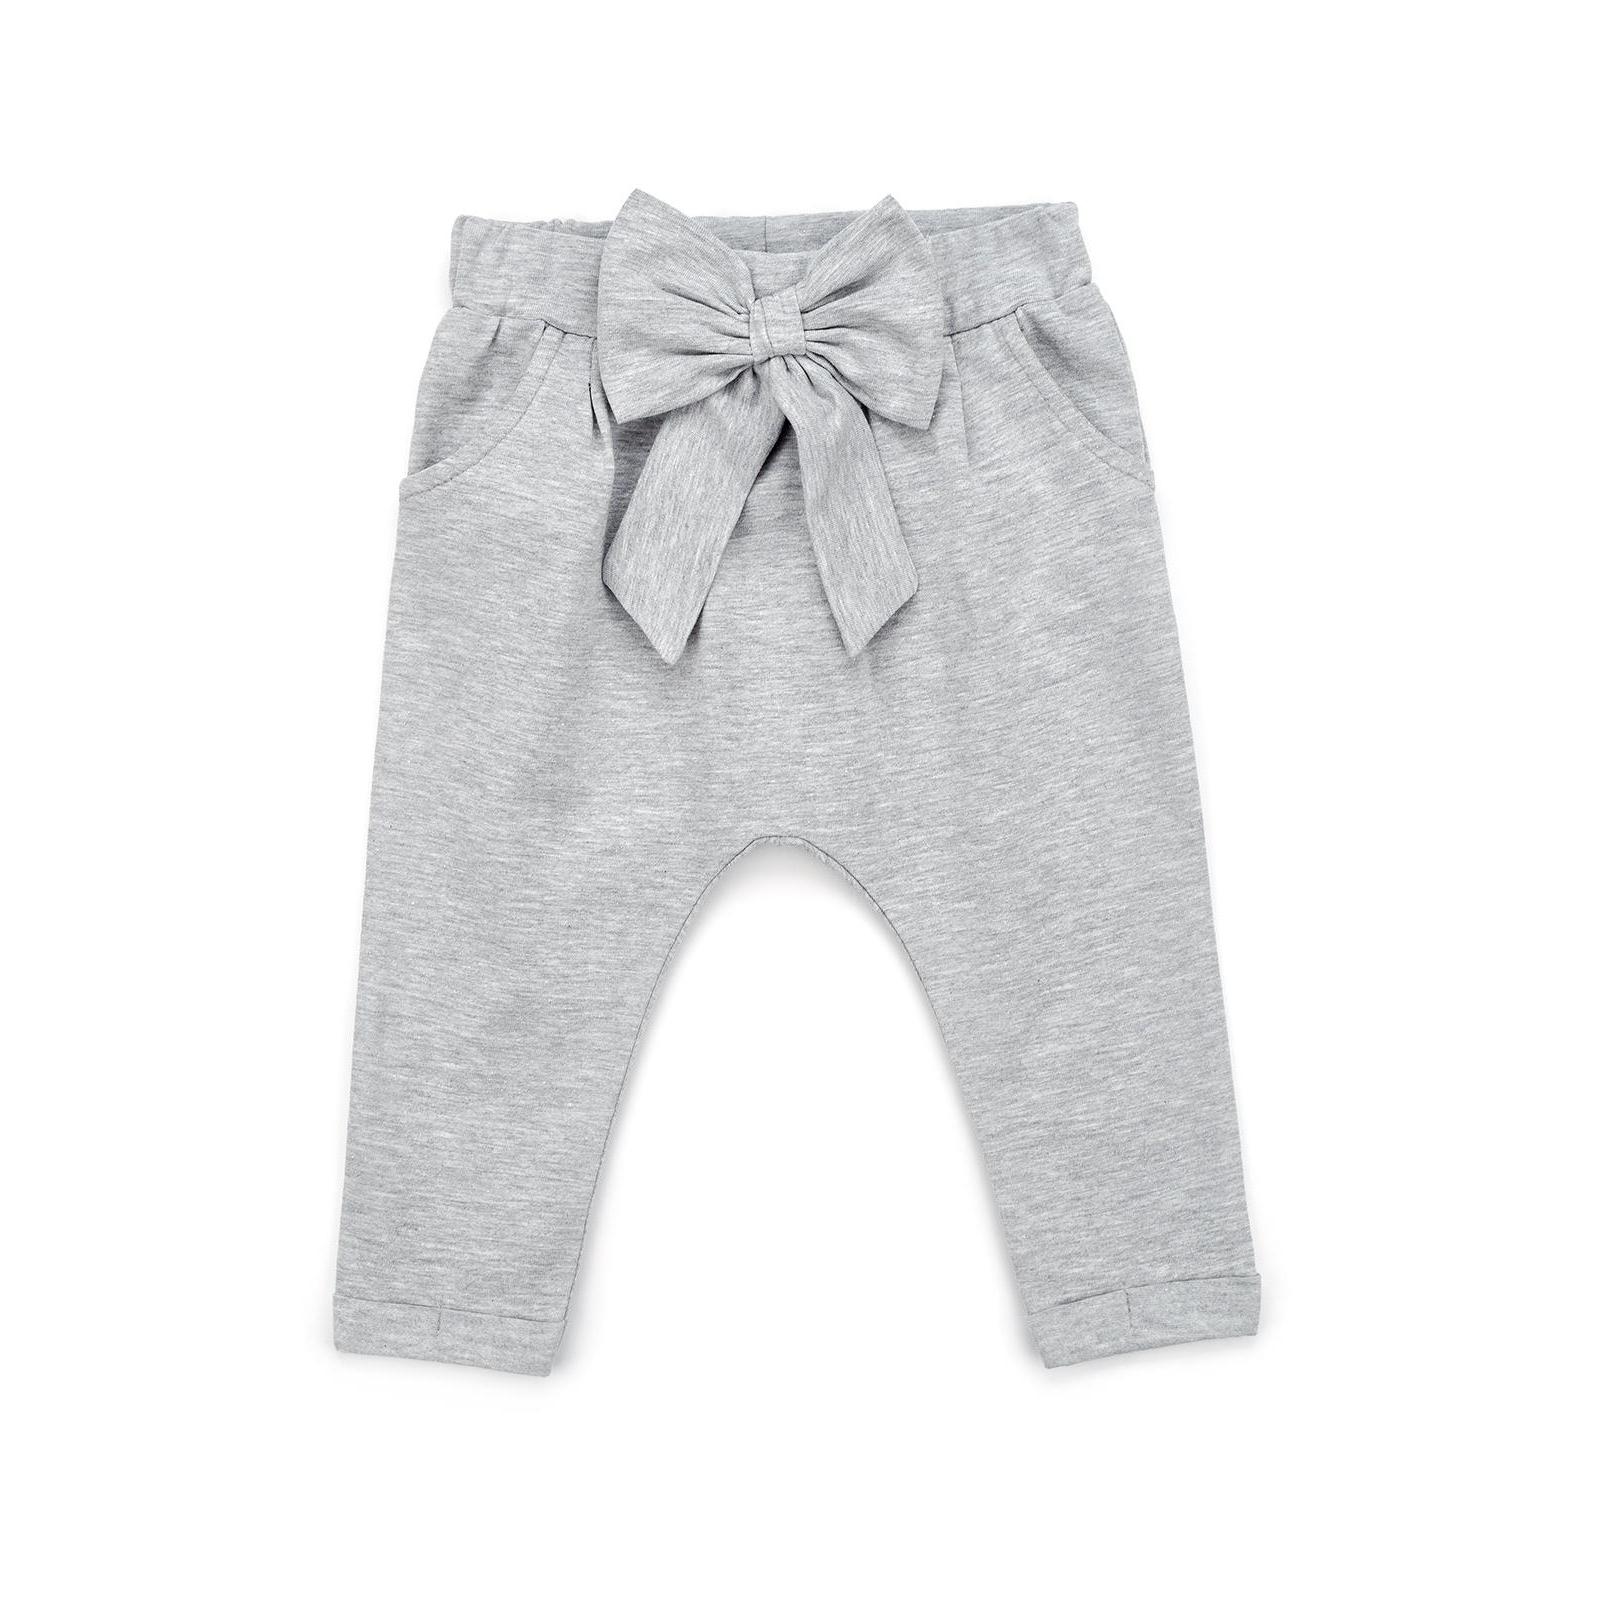 Штаны детские Breeze с бантом (10704-98G-gray)